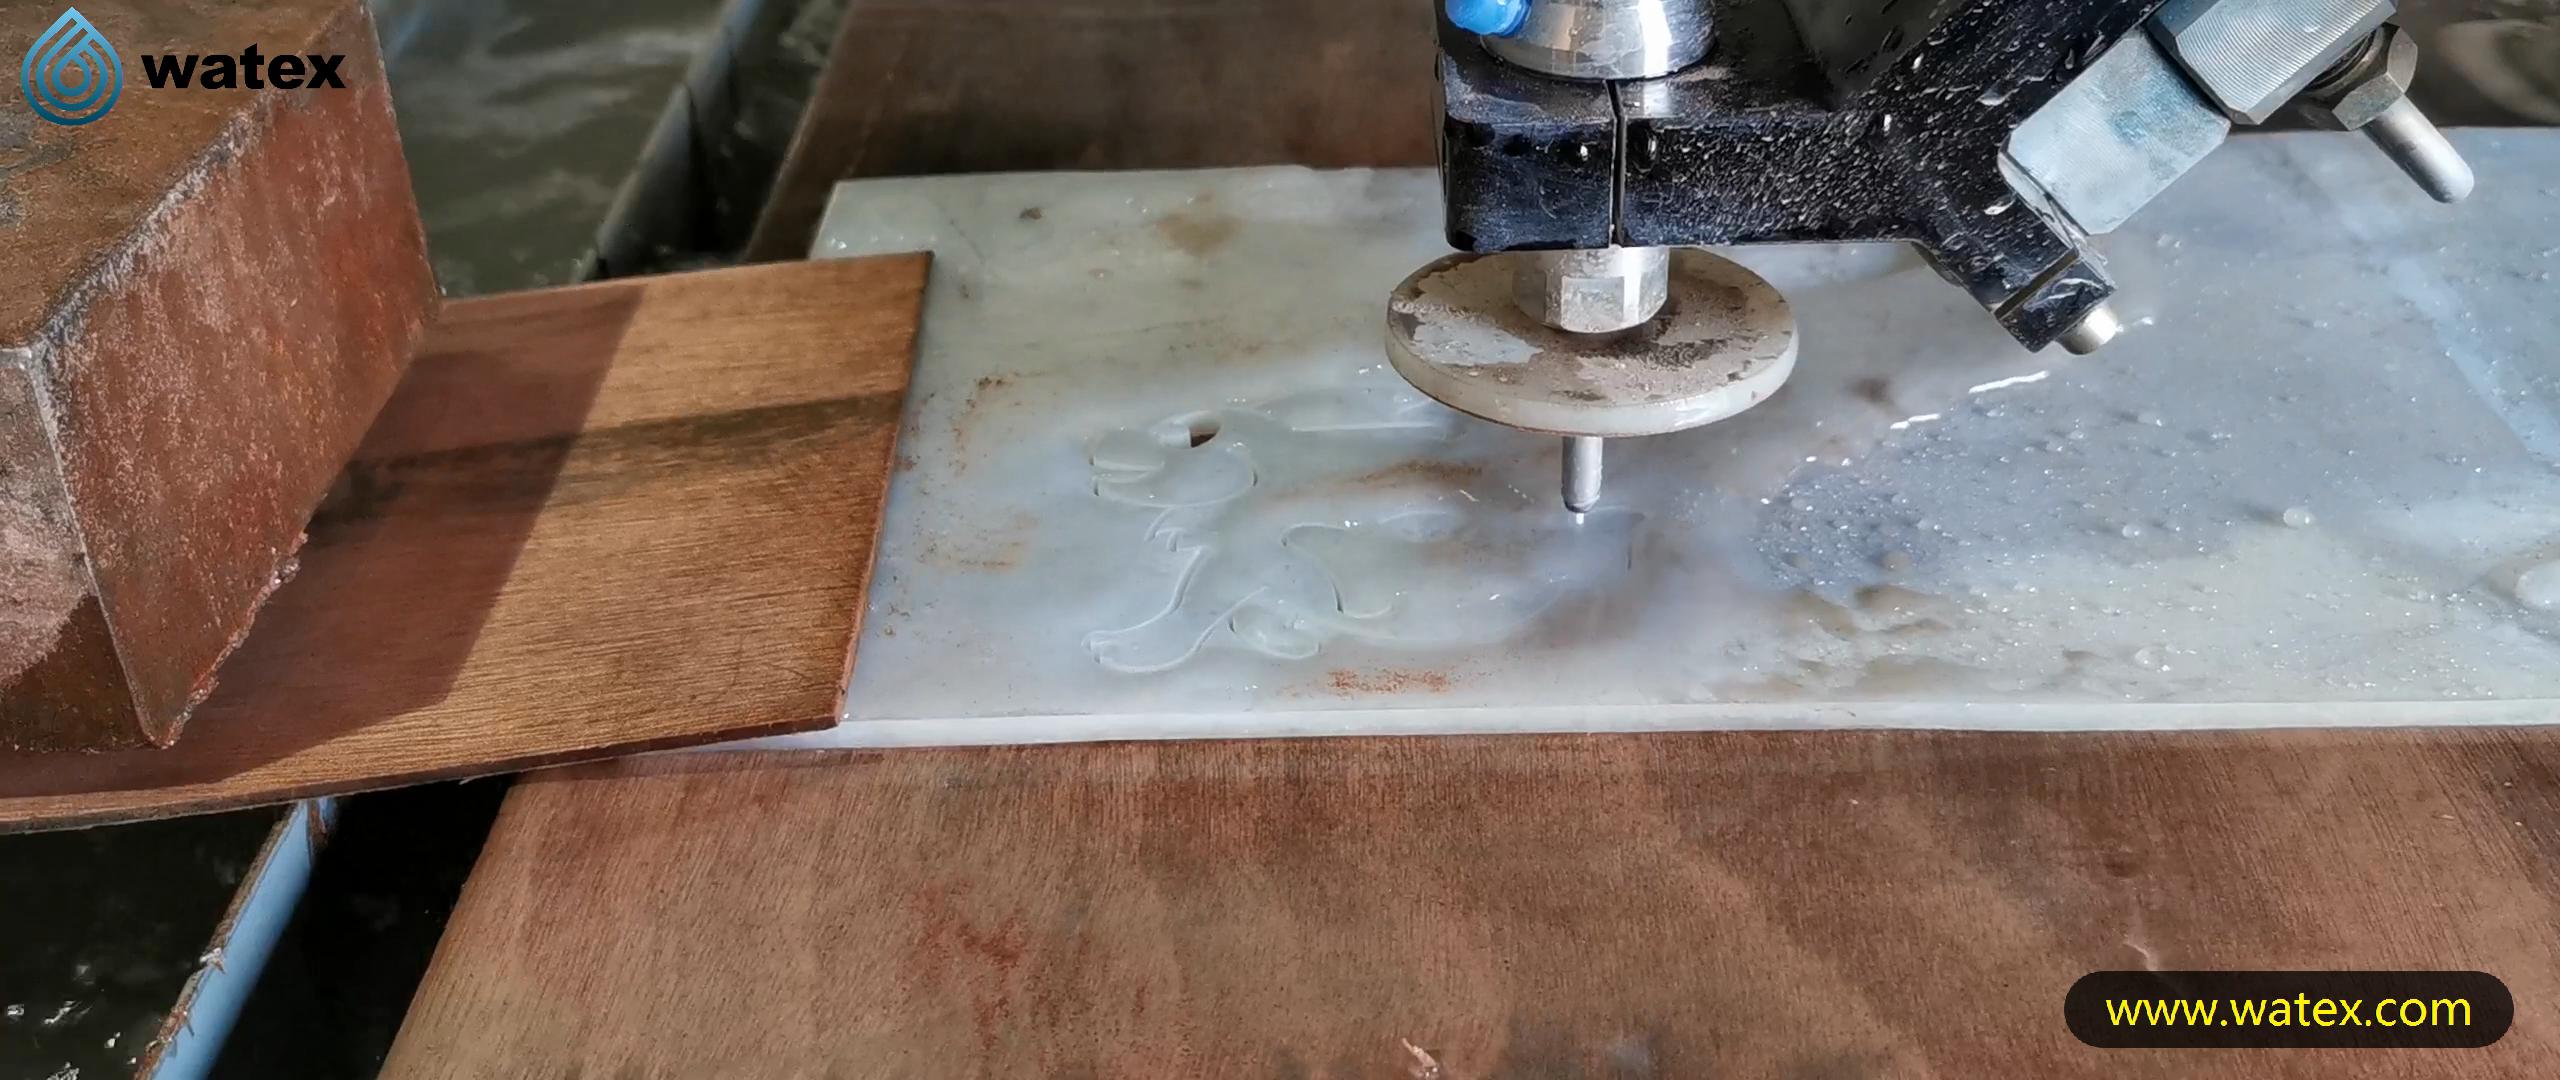 Wasser schneiden maschine stein wasserstrahl schneiden maschine wasser jet cutter in einen günstigen preis in china wasser cutter hydro schneiden